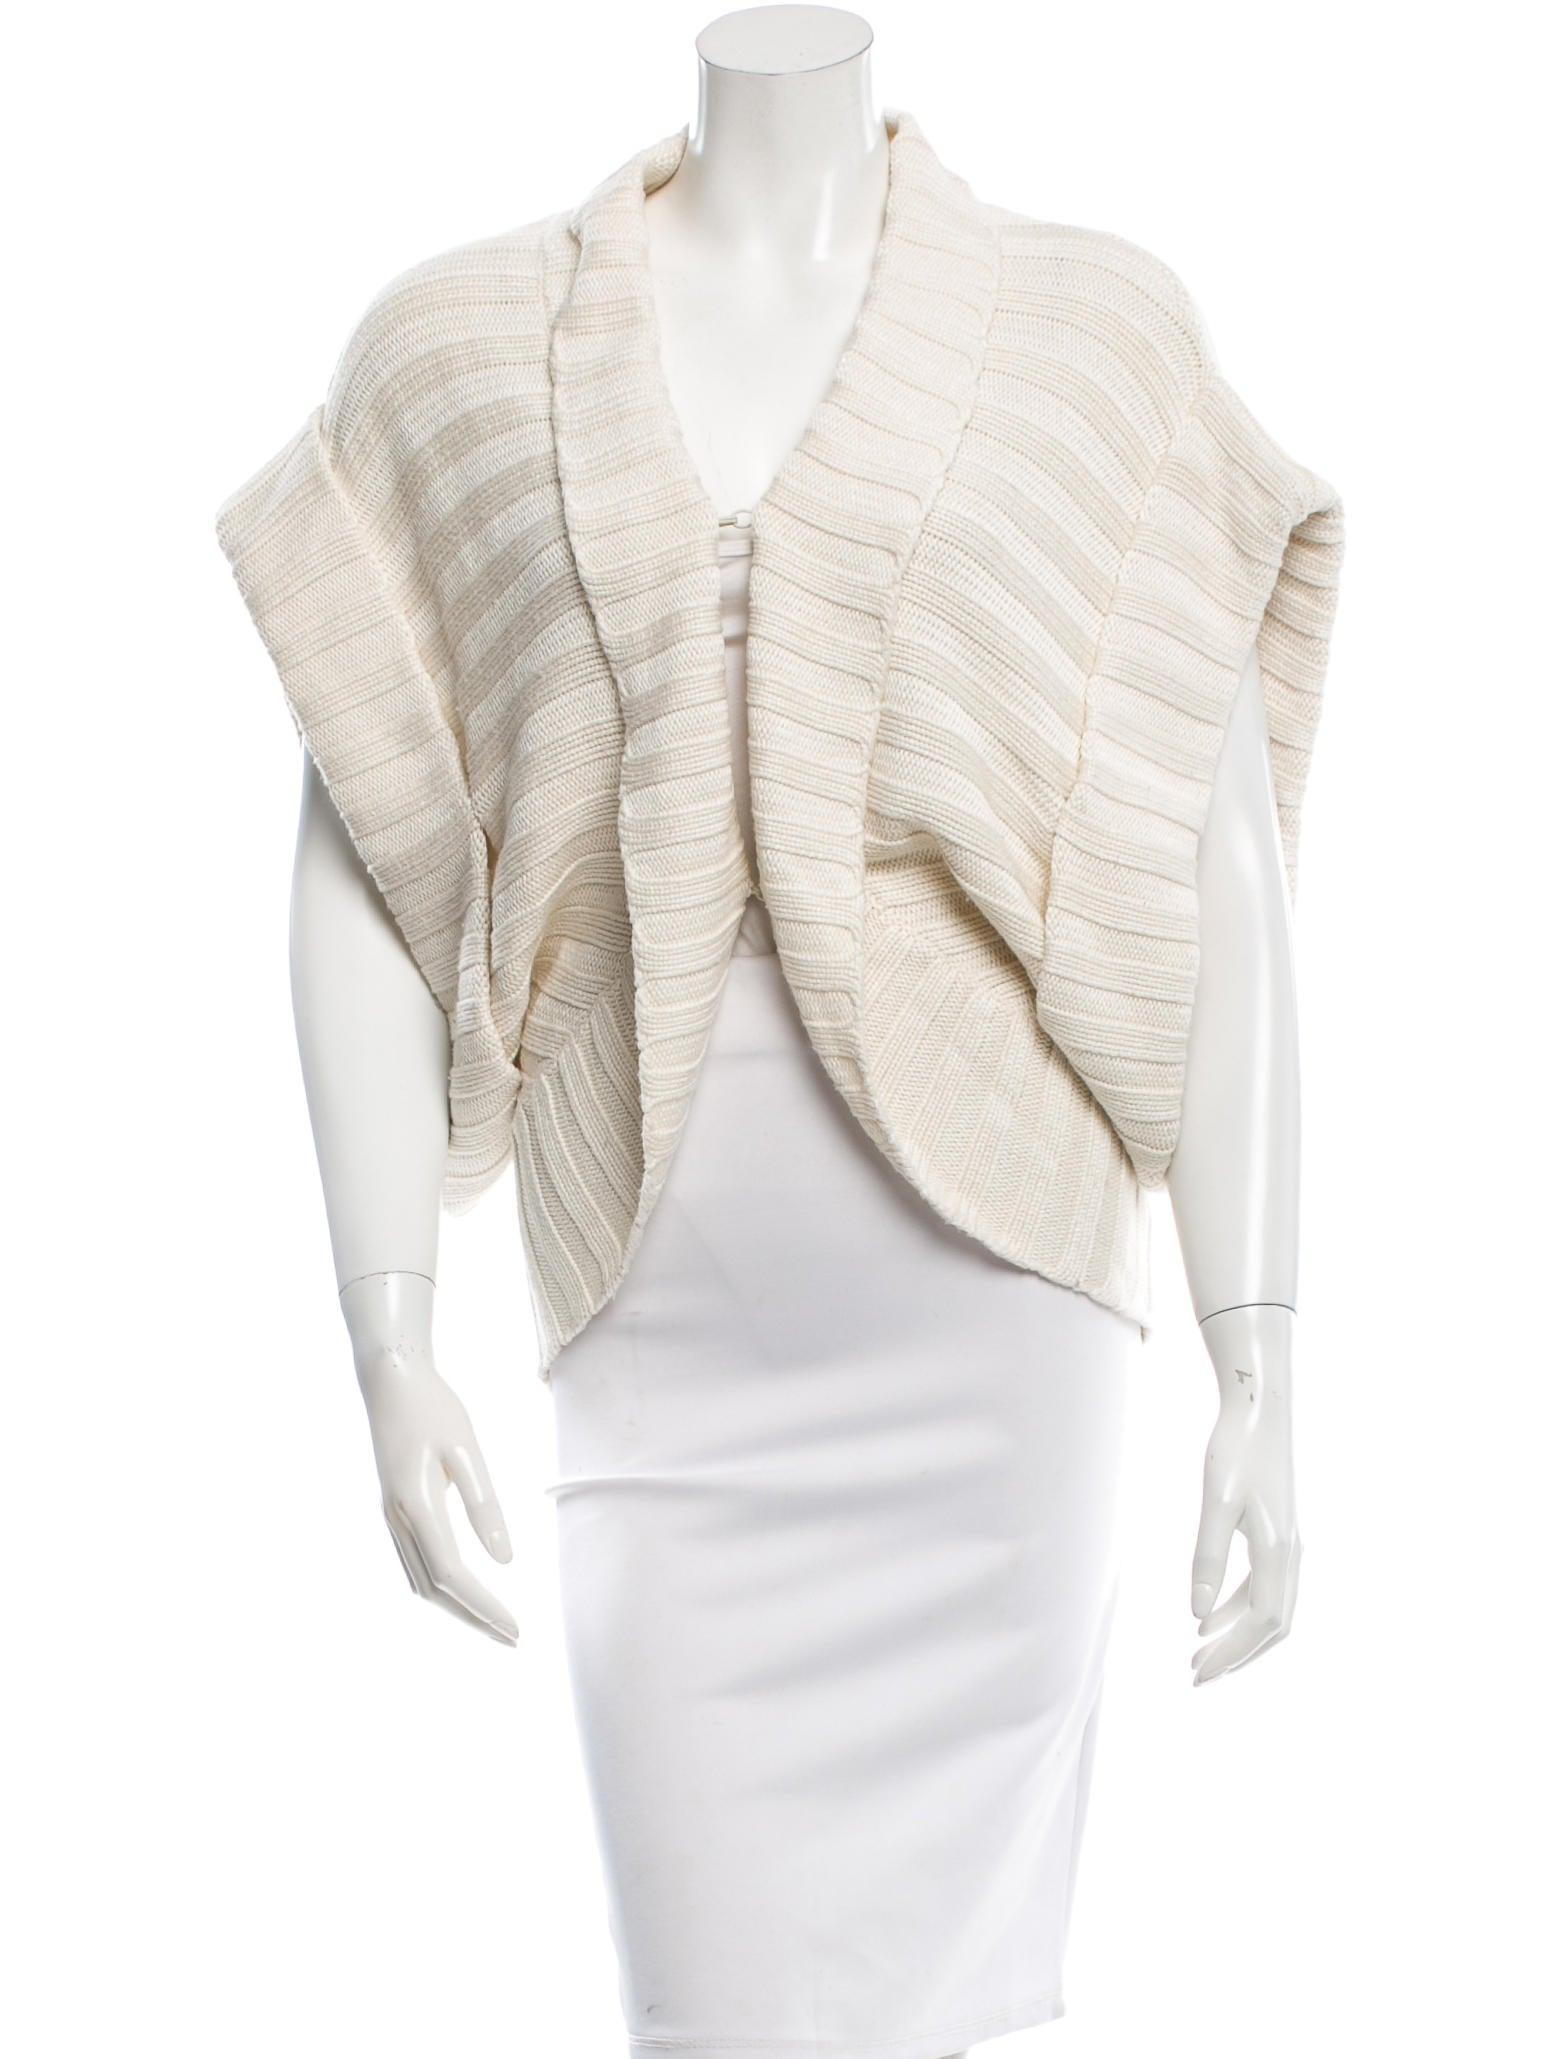 Knitting Cardigan Collar : Alice olivia rib knit shawl collar cardigan clothing